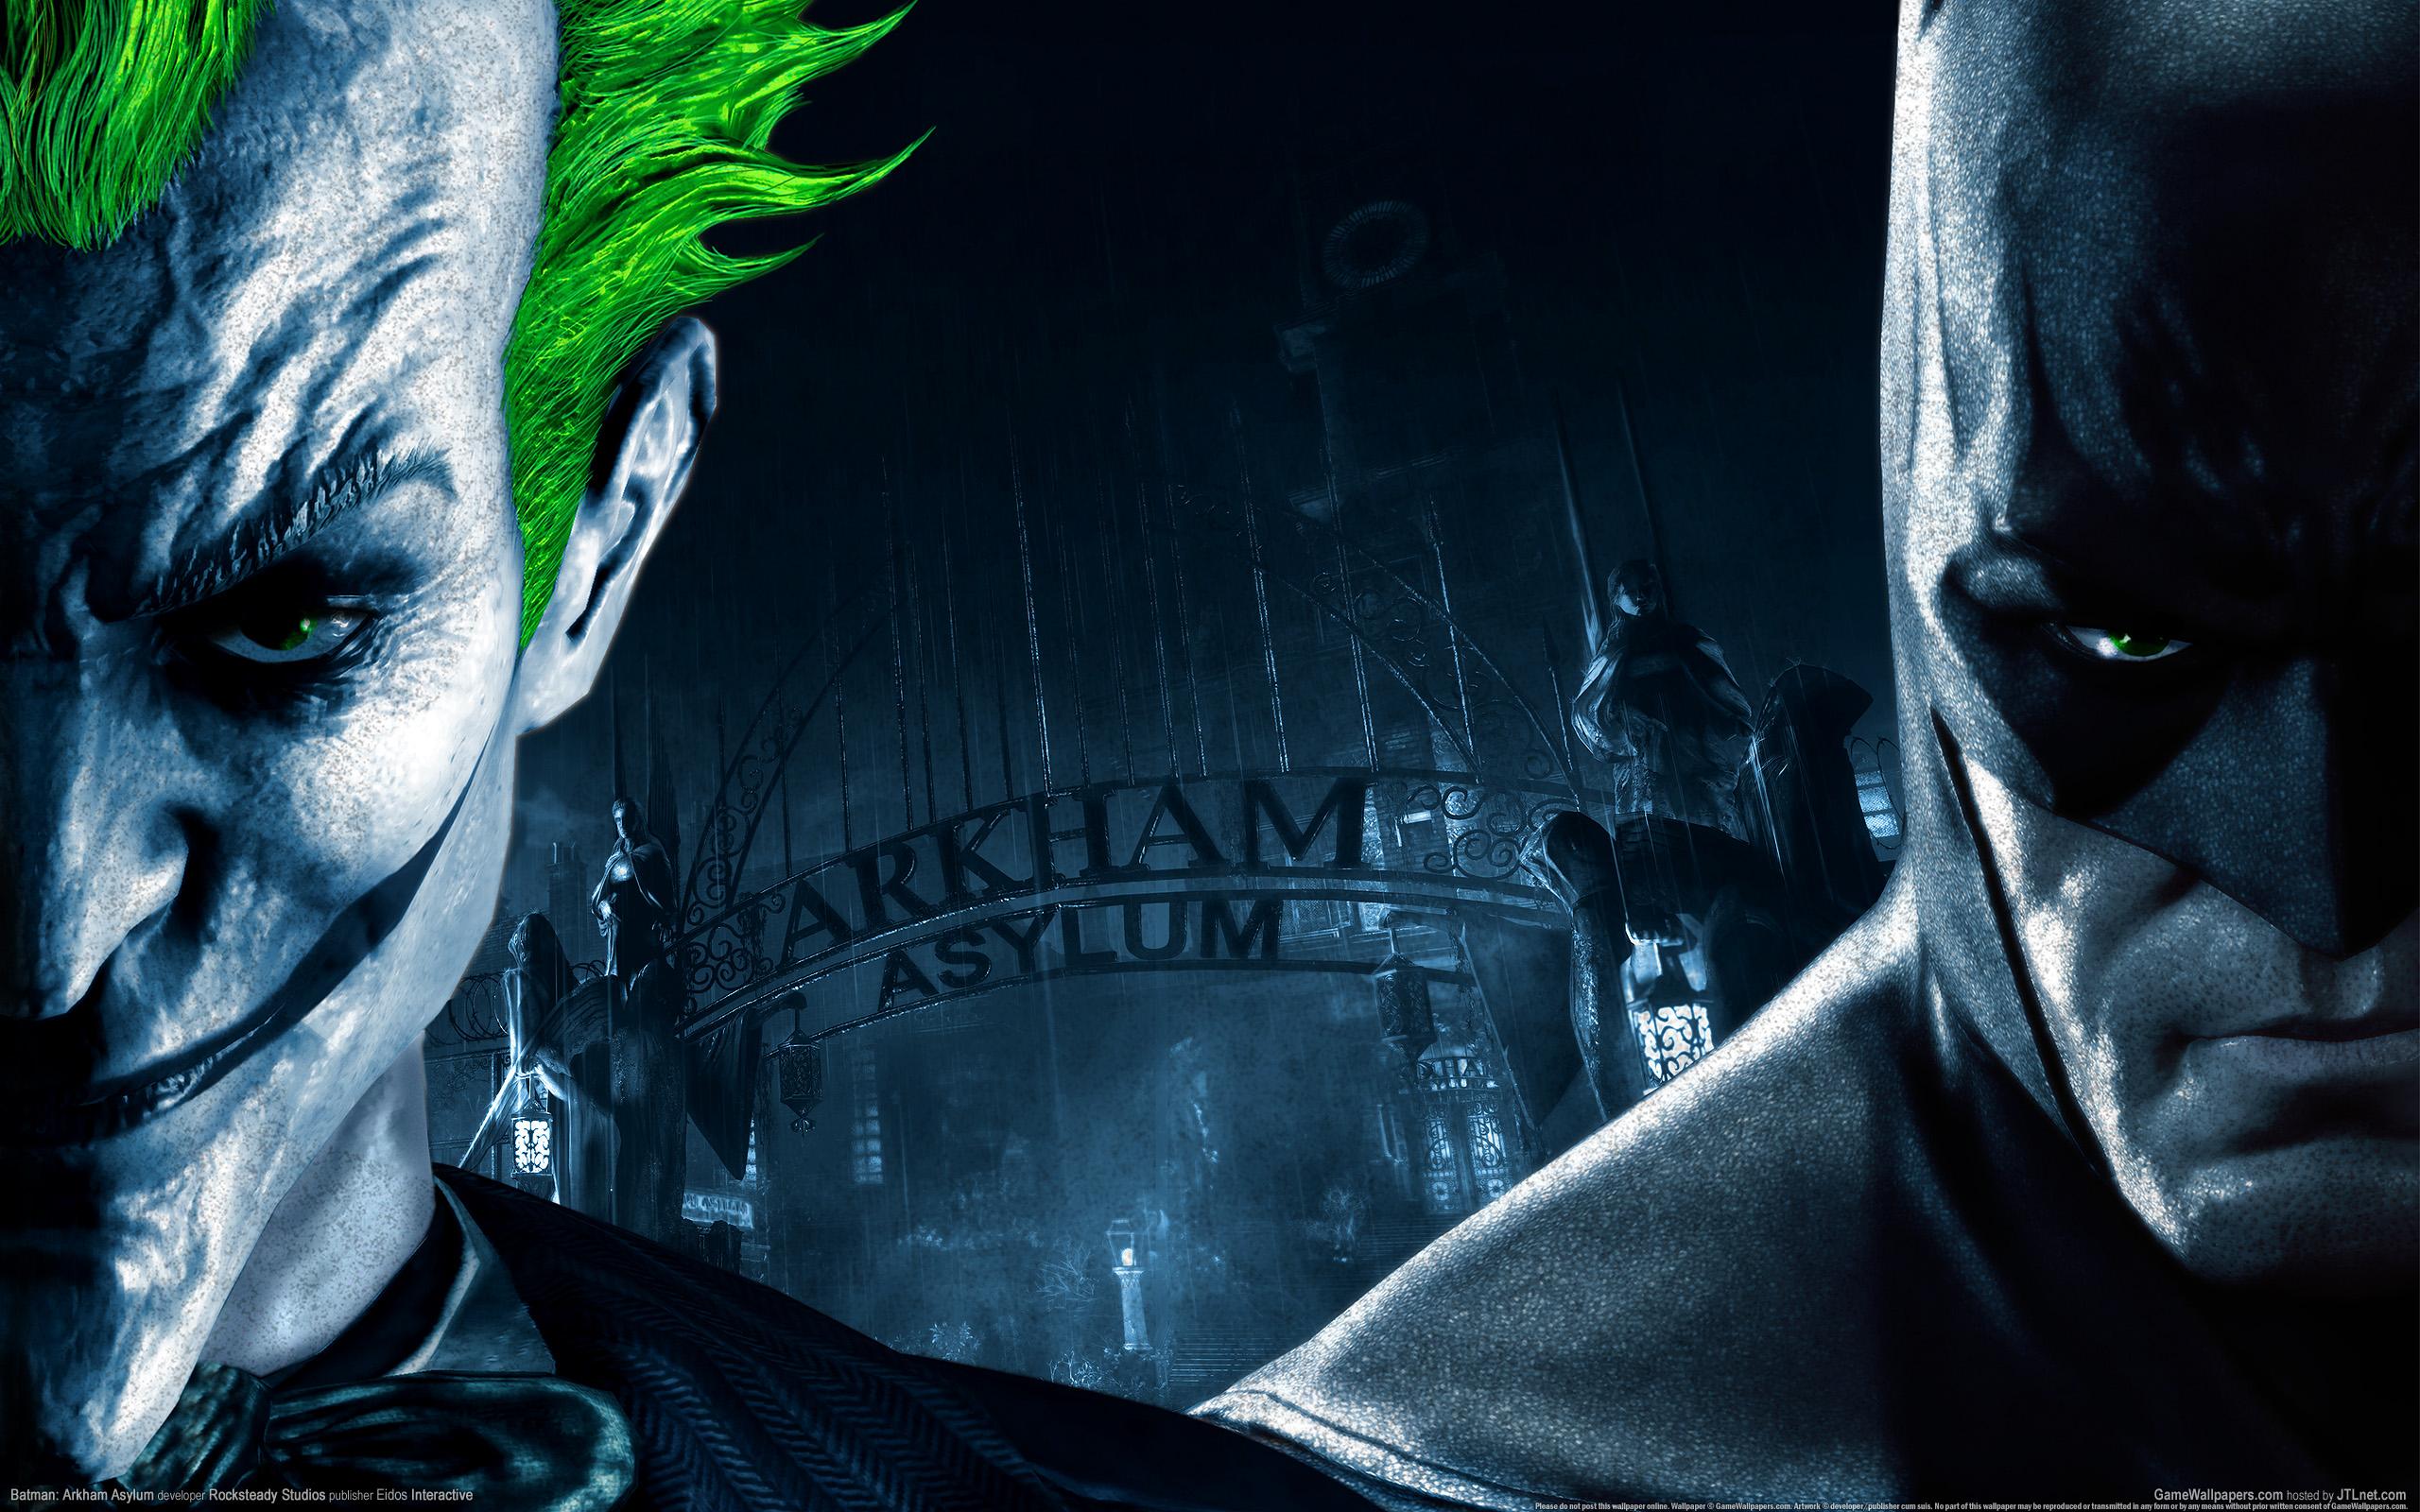 Batman and Joker Wallpaper   Windows Mode 2560x1600